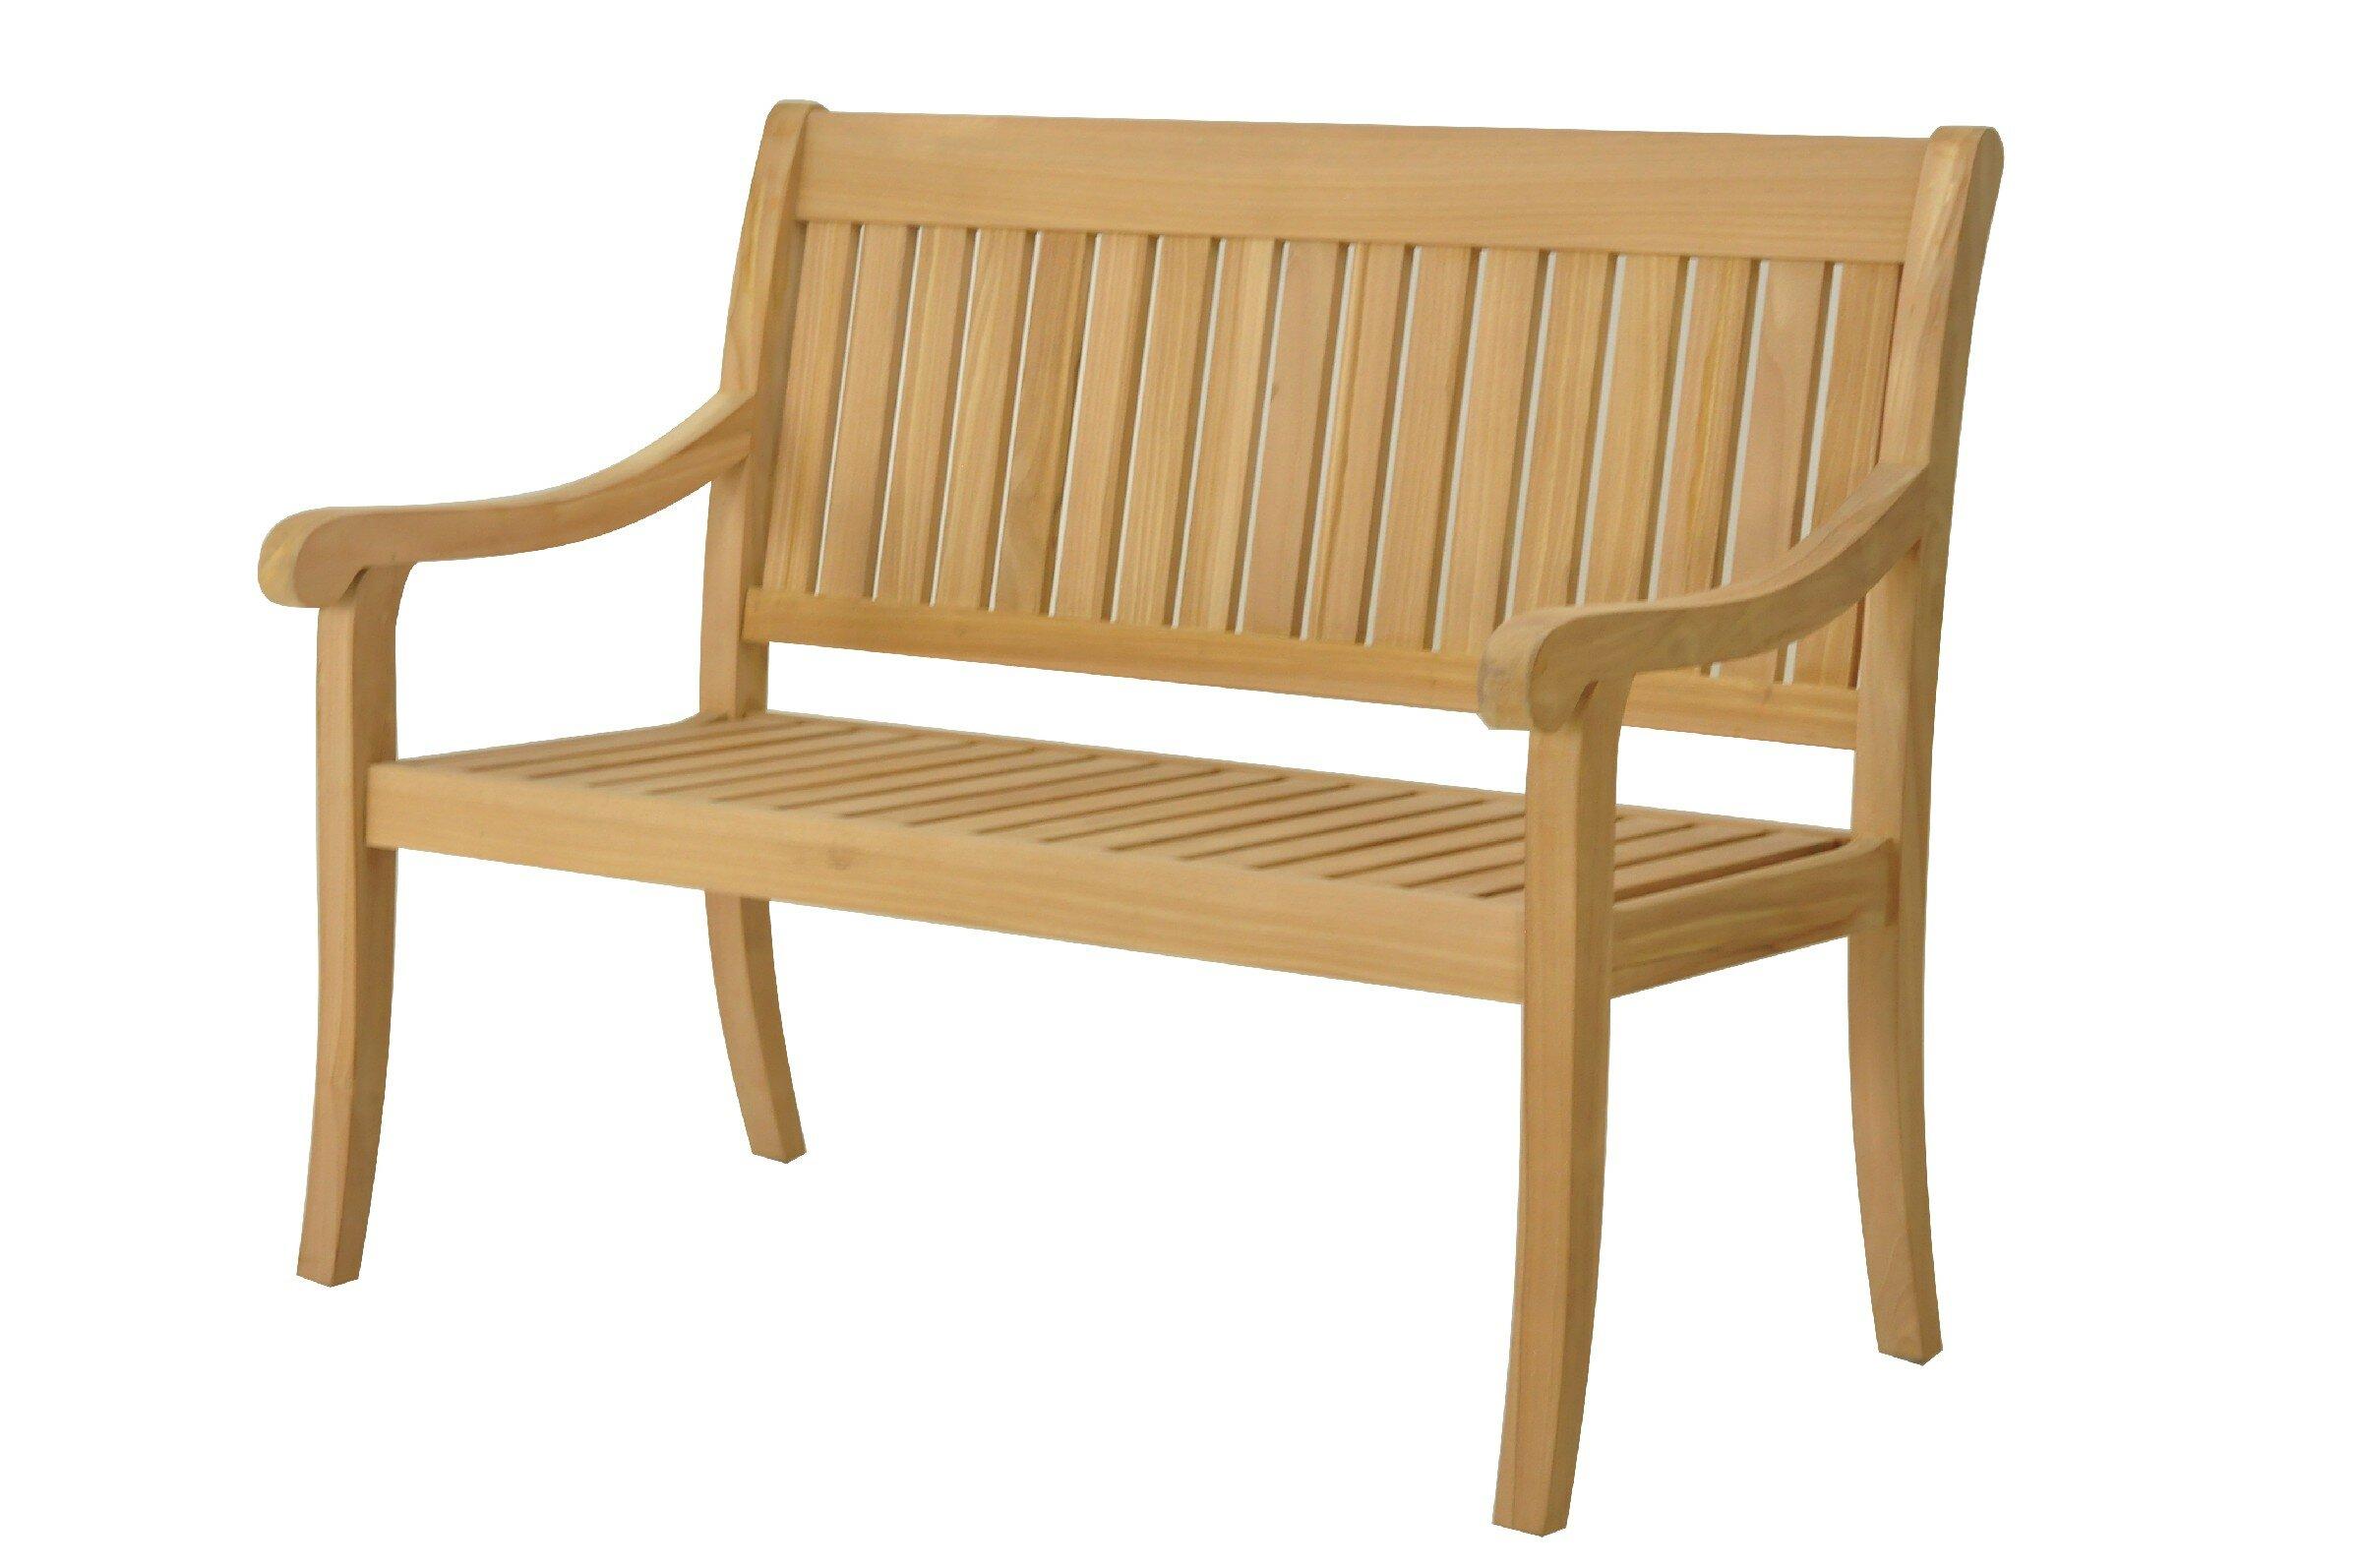 Lamanna Teak Garden Bench With Regard To Hampstead Heath Teak Garden Benches (View 4 of 25)